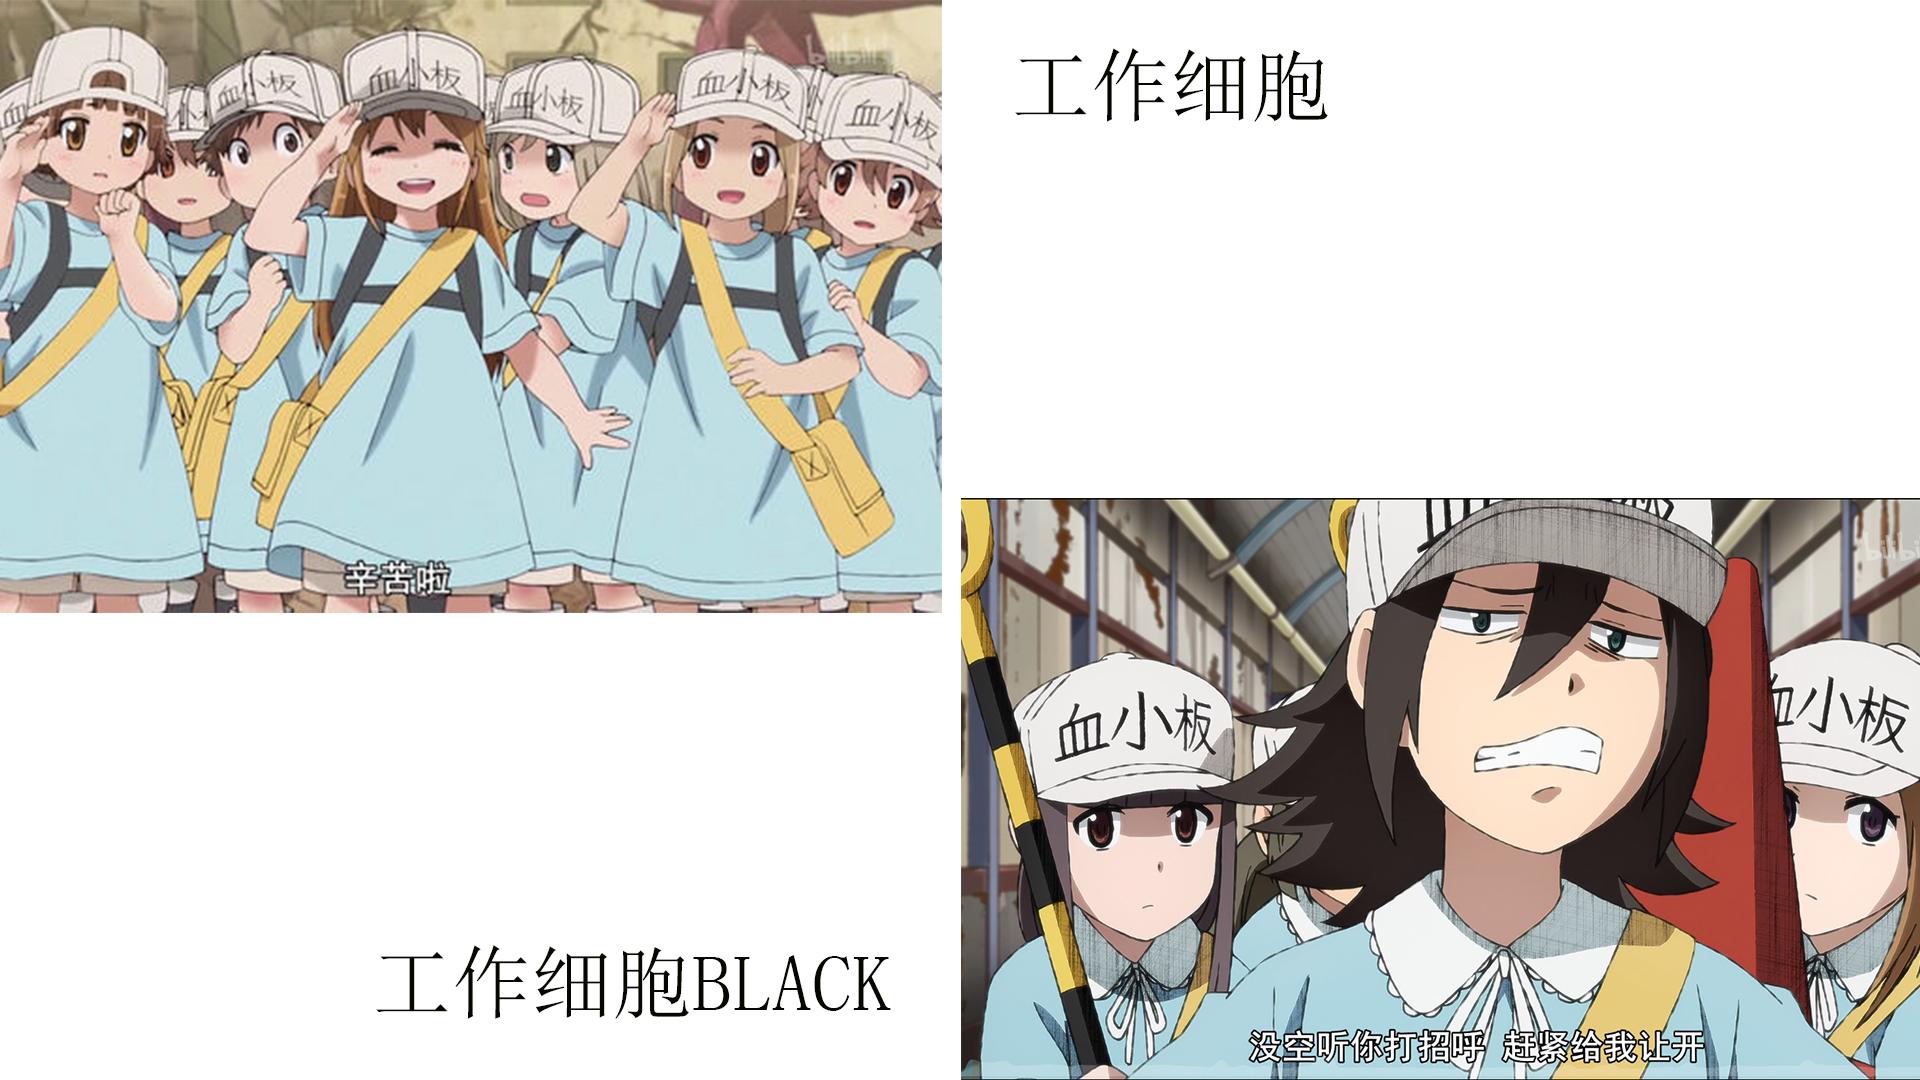 為什麼《工作細胞BLACK》的細胞比本傳中還要好看啊?混蛋